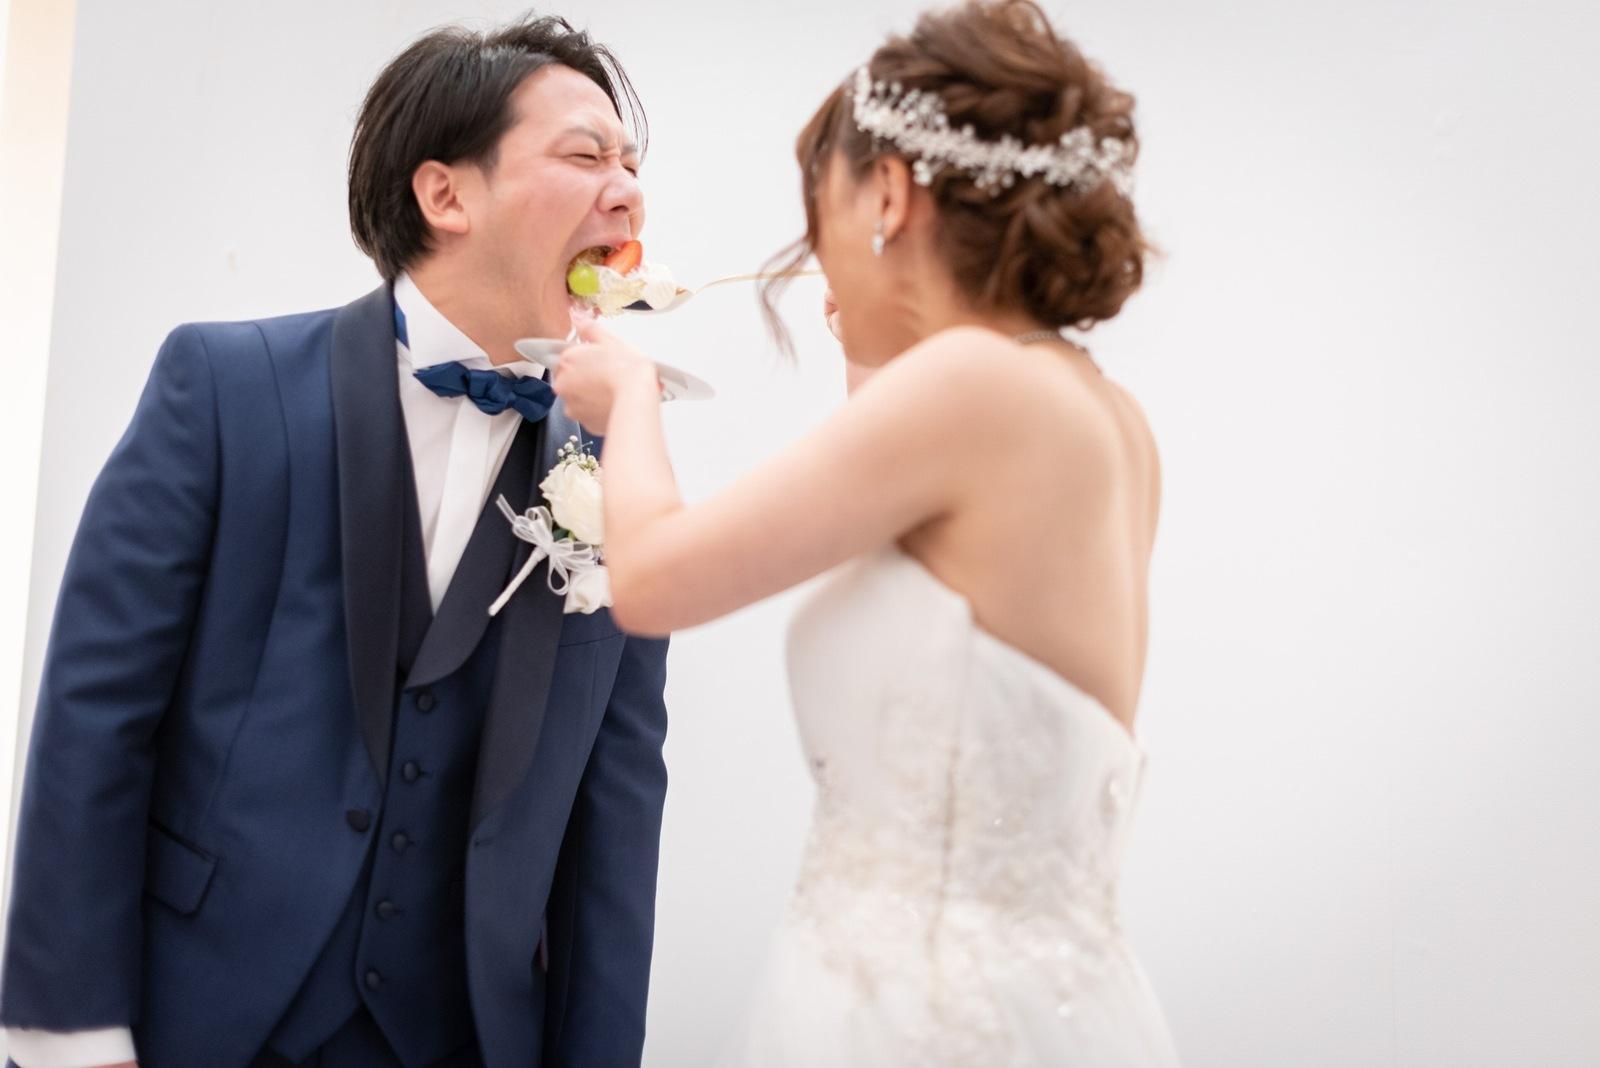 香川県の結婚式場のシェルエメール&アイスタイルのファーストバイト